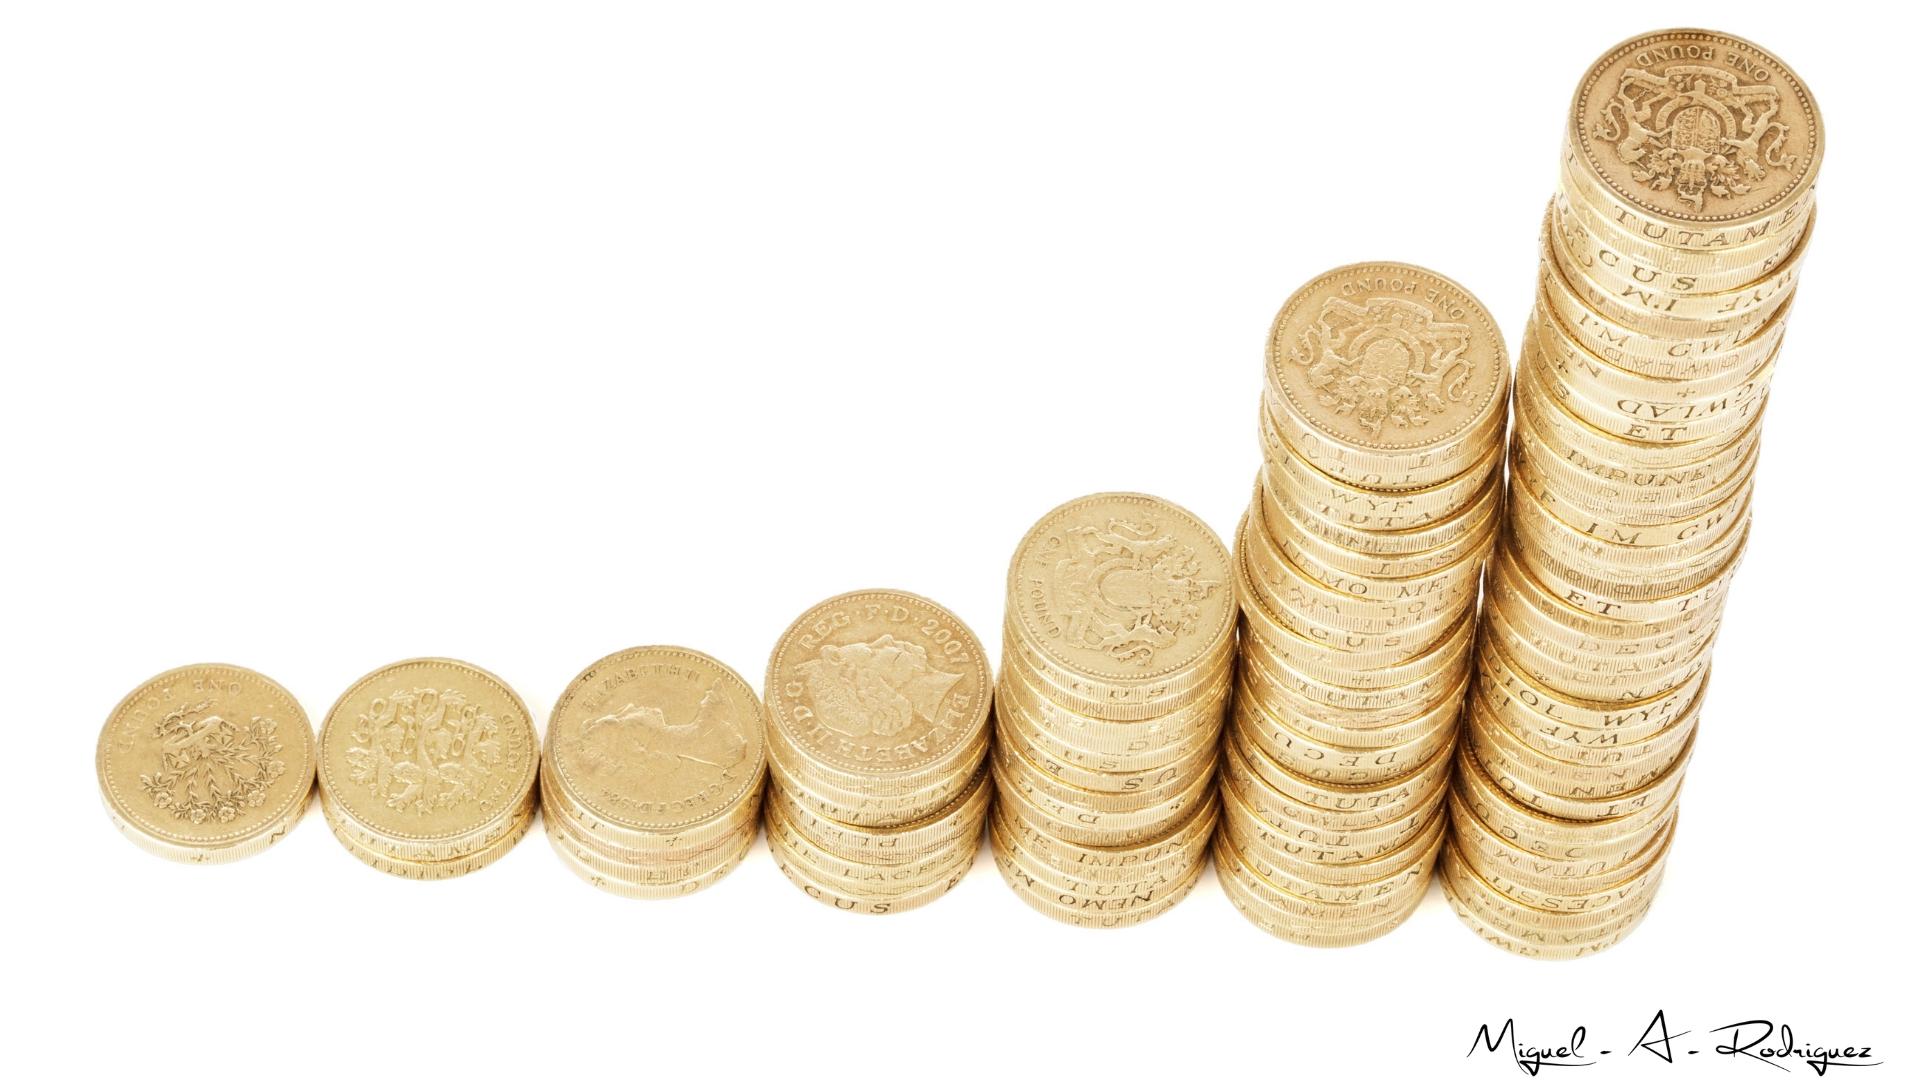 Monedas en escala